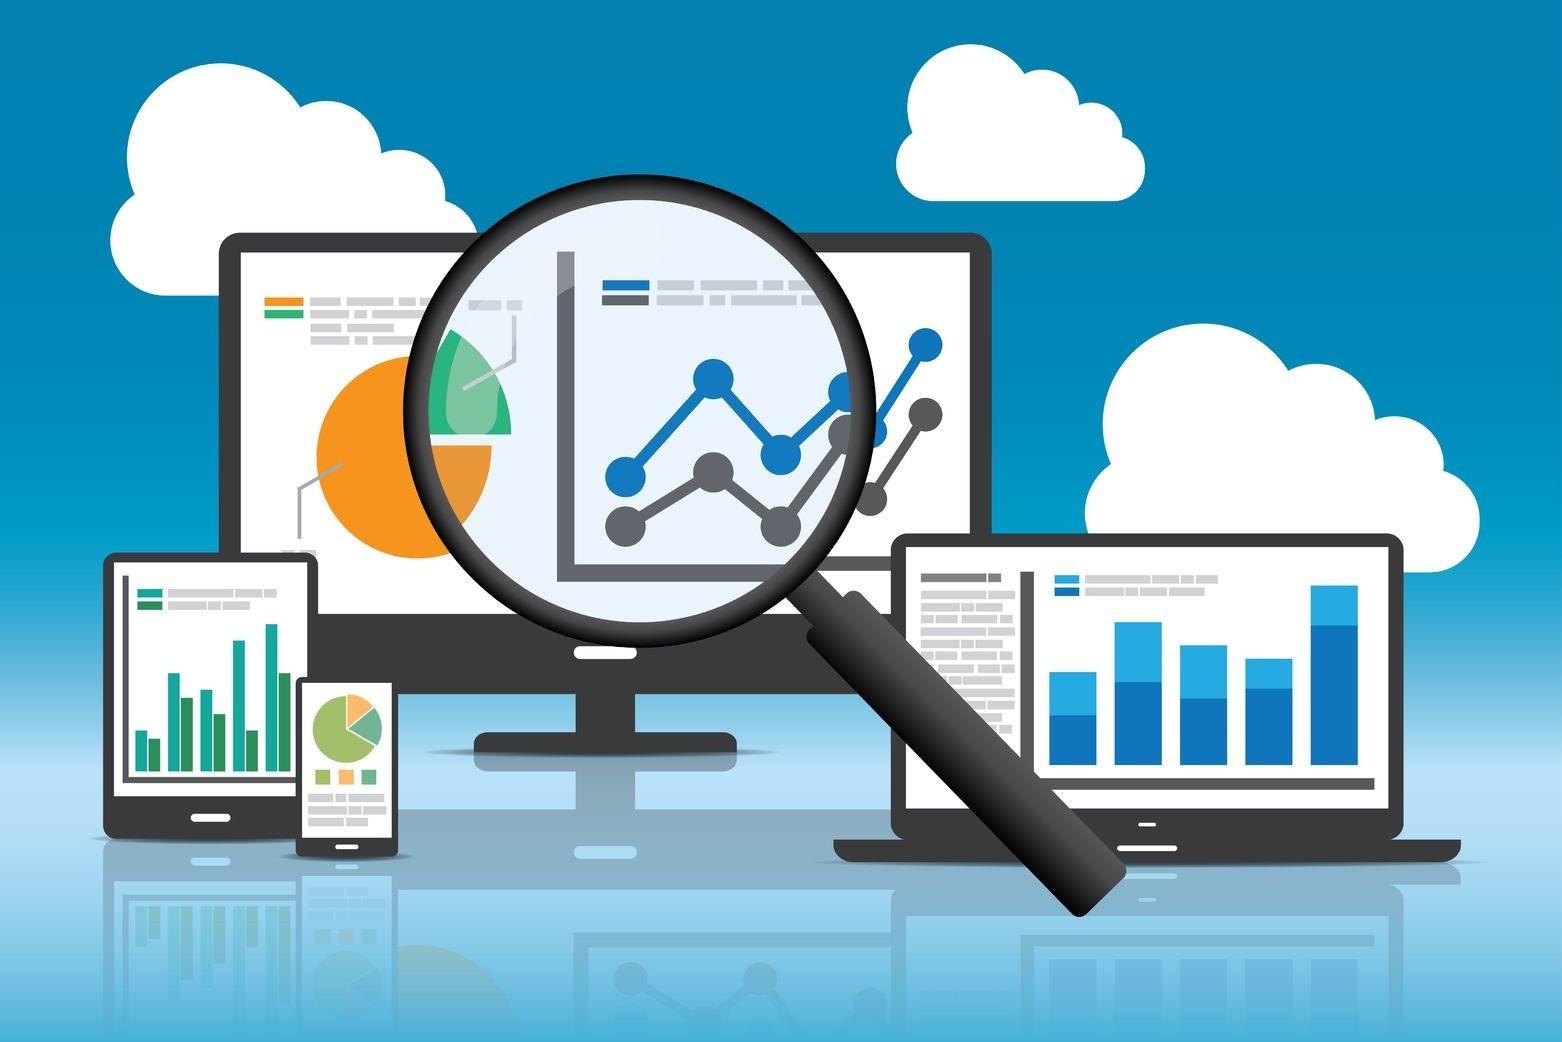 Cosa vuol dire Data Mining e che relazione ha con i Big Data